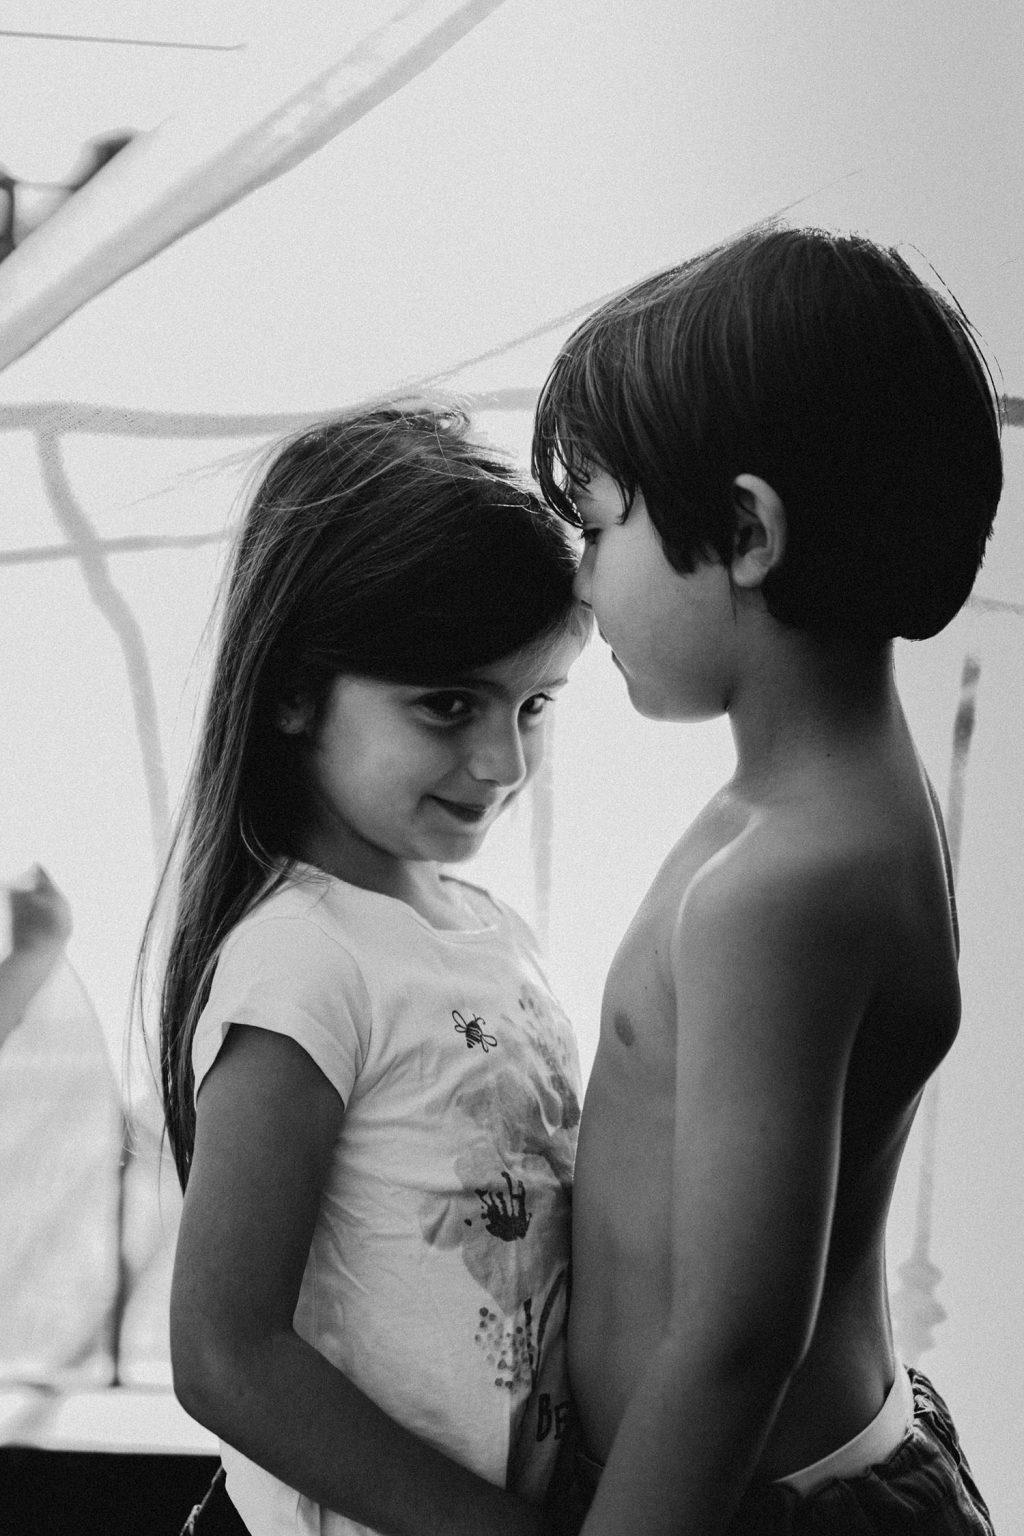 Rebecca Rinaldi. Servizi fotografici Bambini Famiglie Genova. Fotografo neonati Genova. Servizi fotografici bimbi naturali. Fotografo maternita famiglie lifestyle reportage.